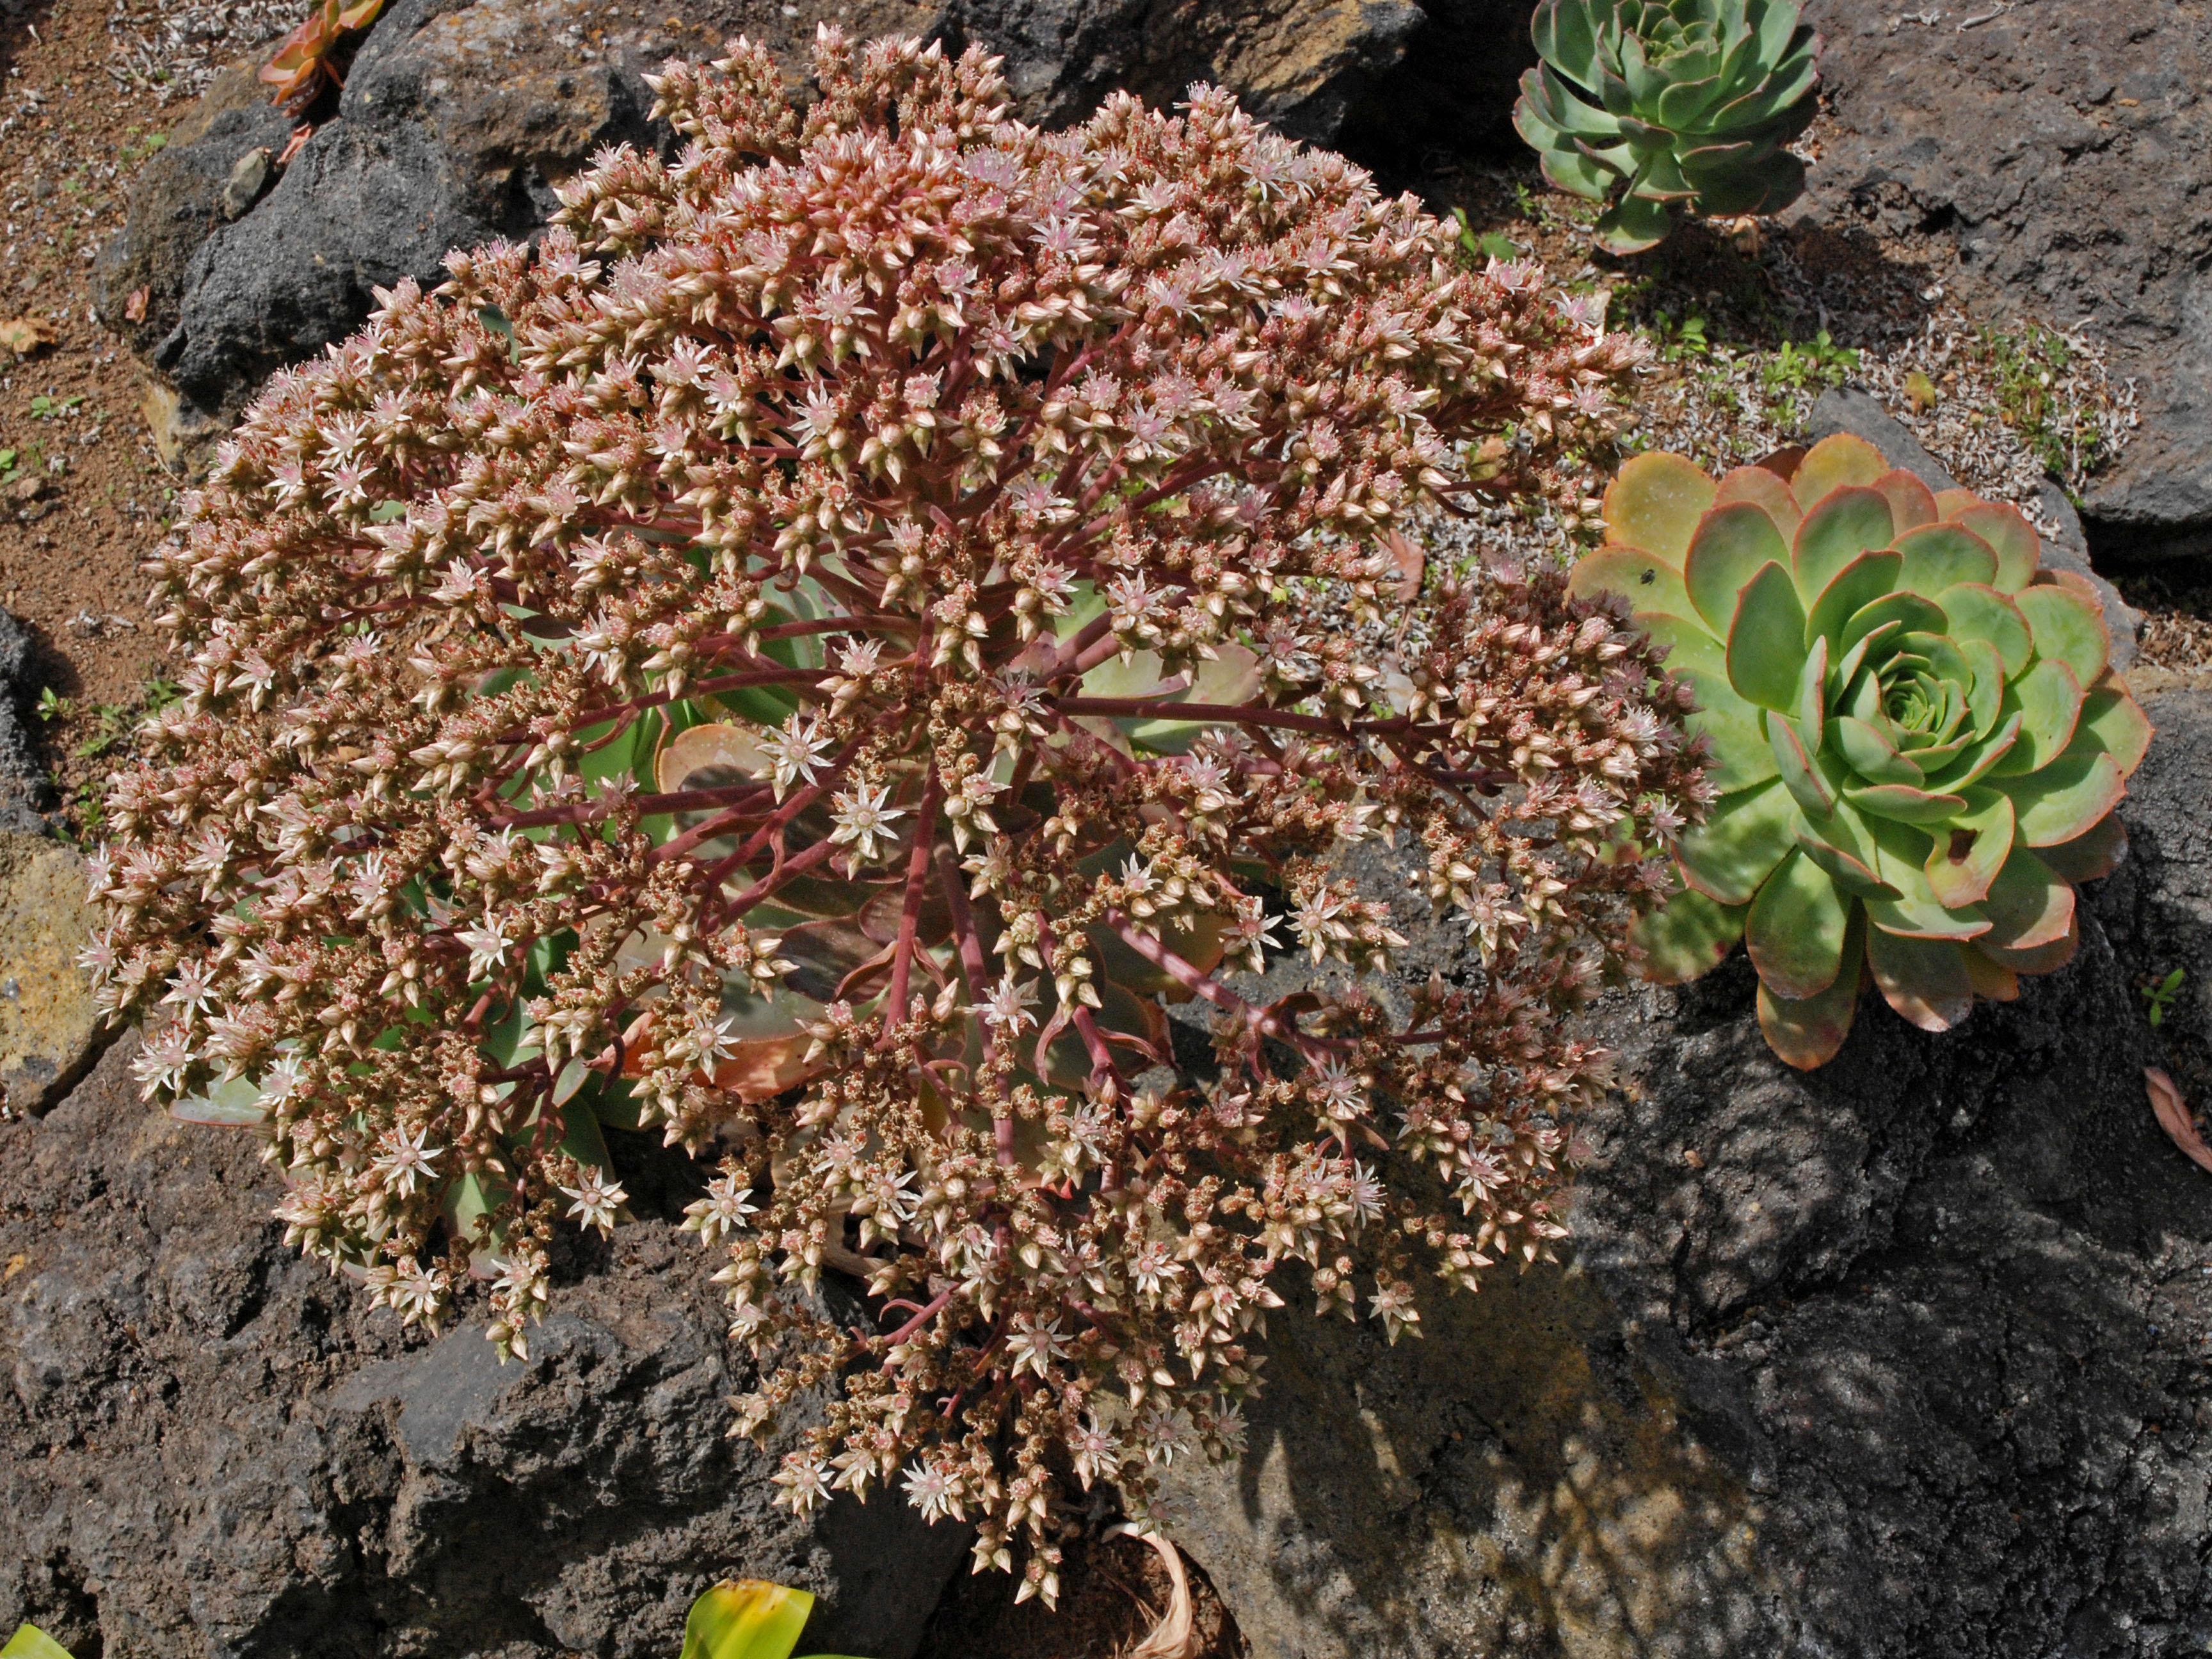 Aeonium pseudourbicum?